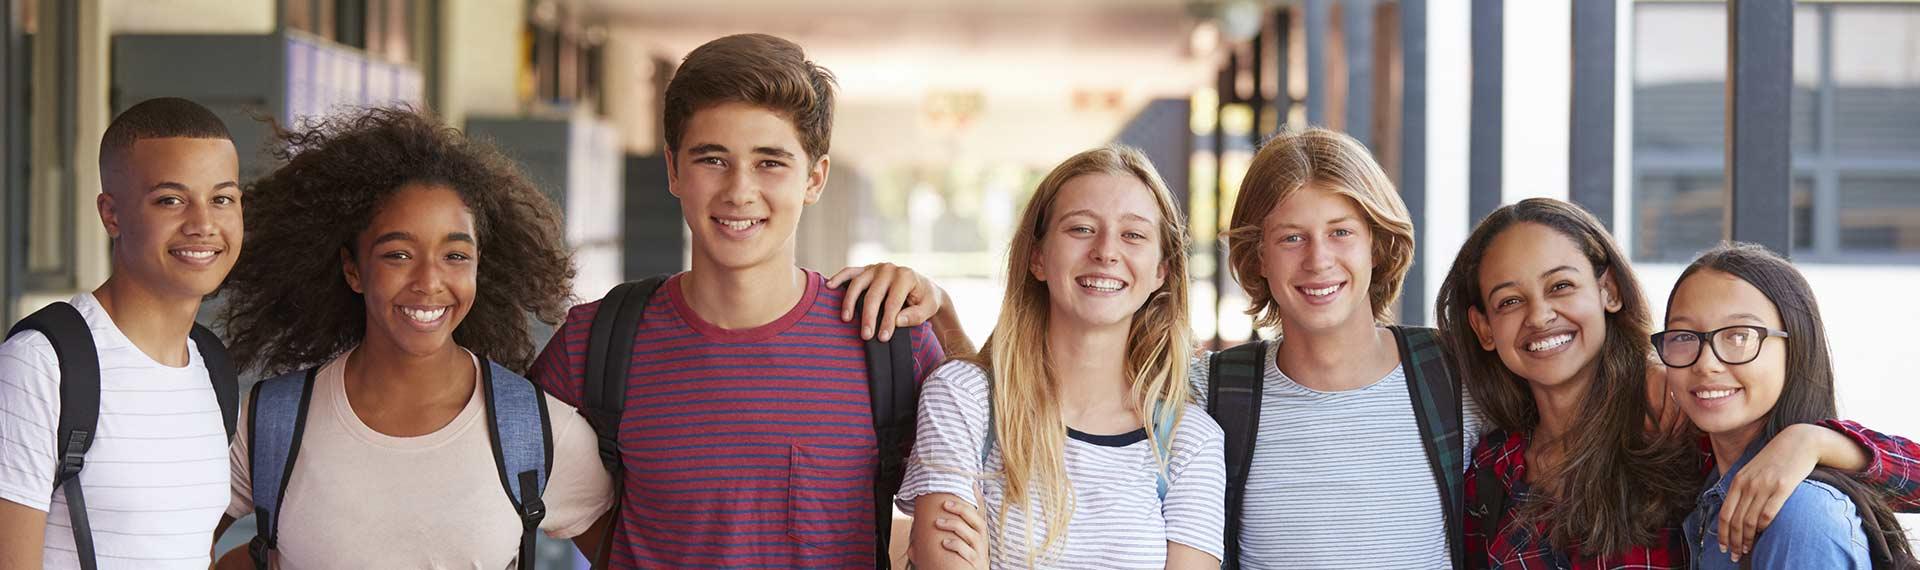 Schul-sozial-arbeit-darmstadt-2020